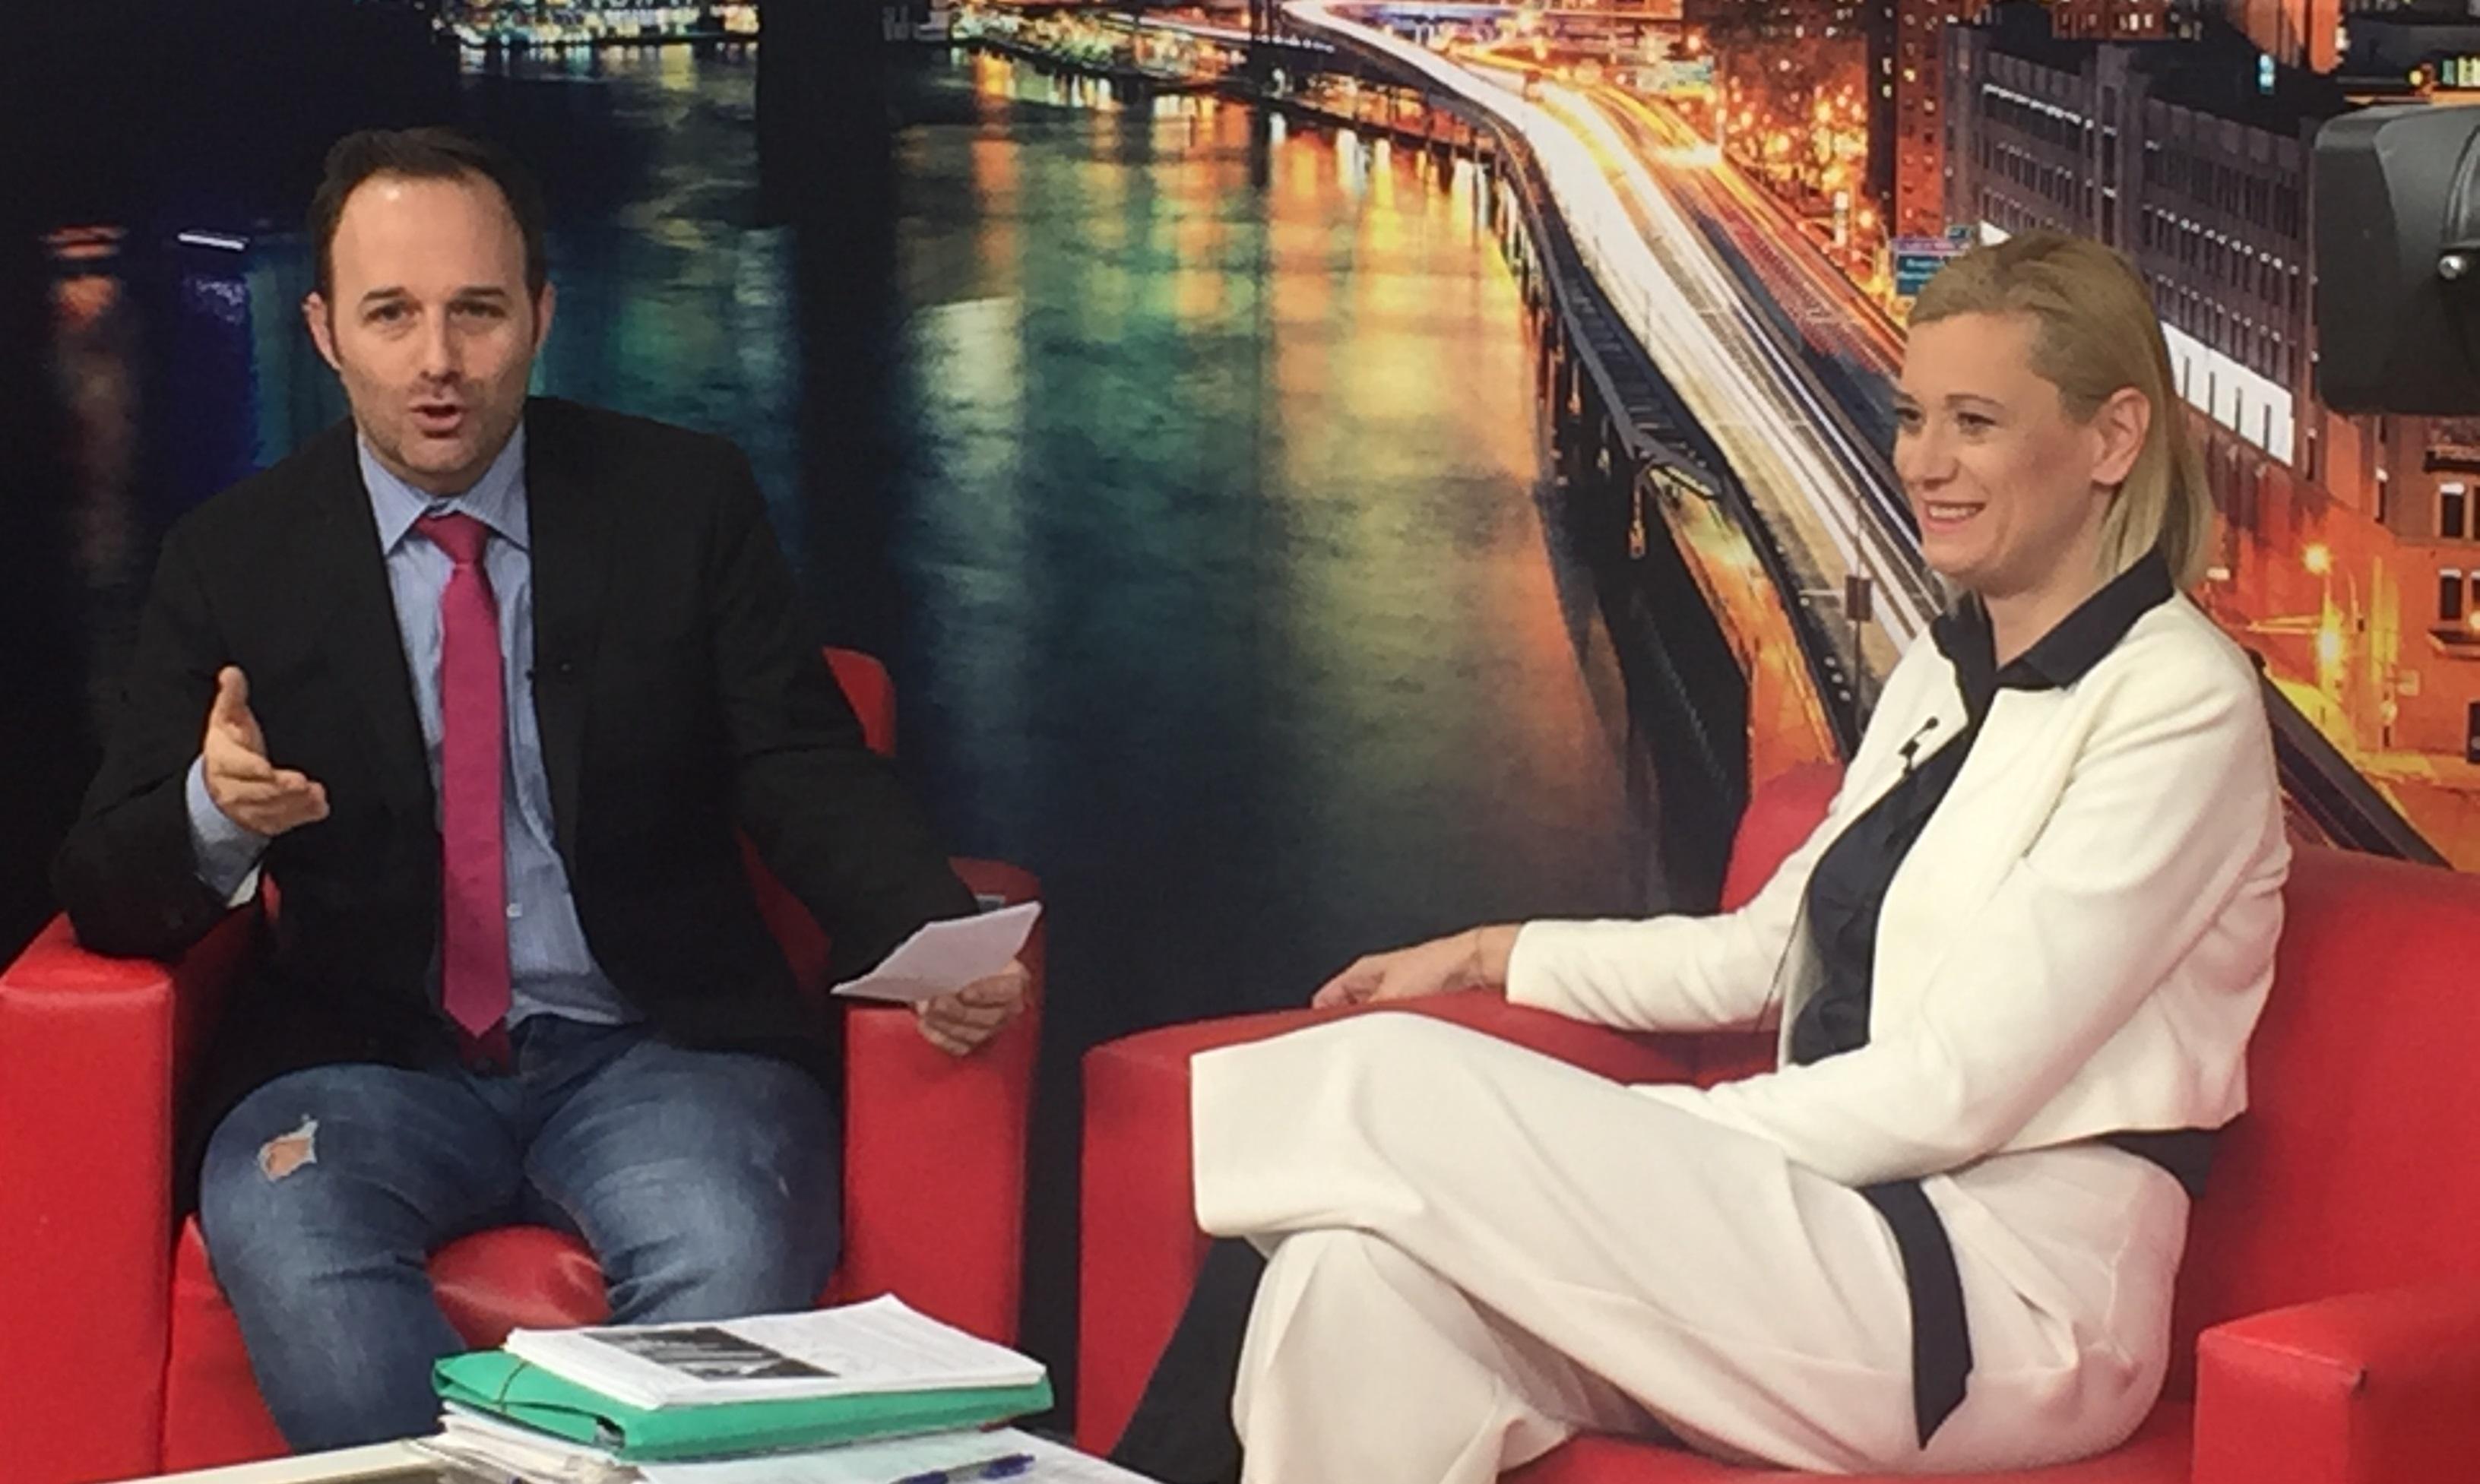 Συνέντευξη της Ραχήλ Μακρή στην εκπομπή «Μαρτυρίες» με τον Λάμπρο Πάσχο και τον Μιχάλη Αγραφιώτη στο κανάλι του Αρτ | 07.12.2017